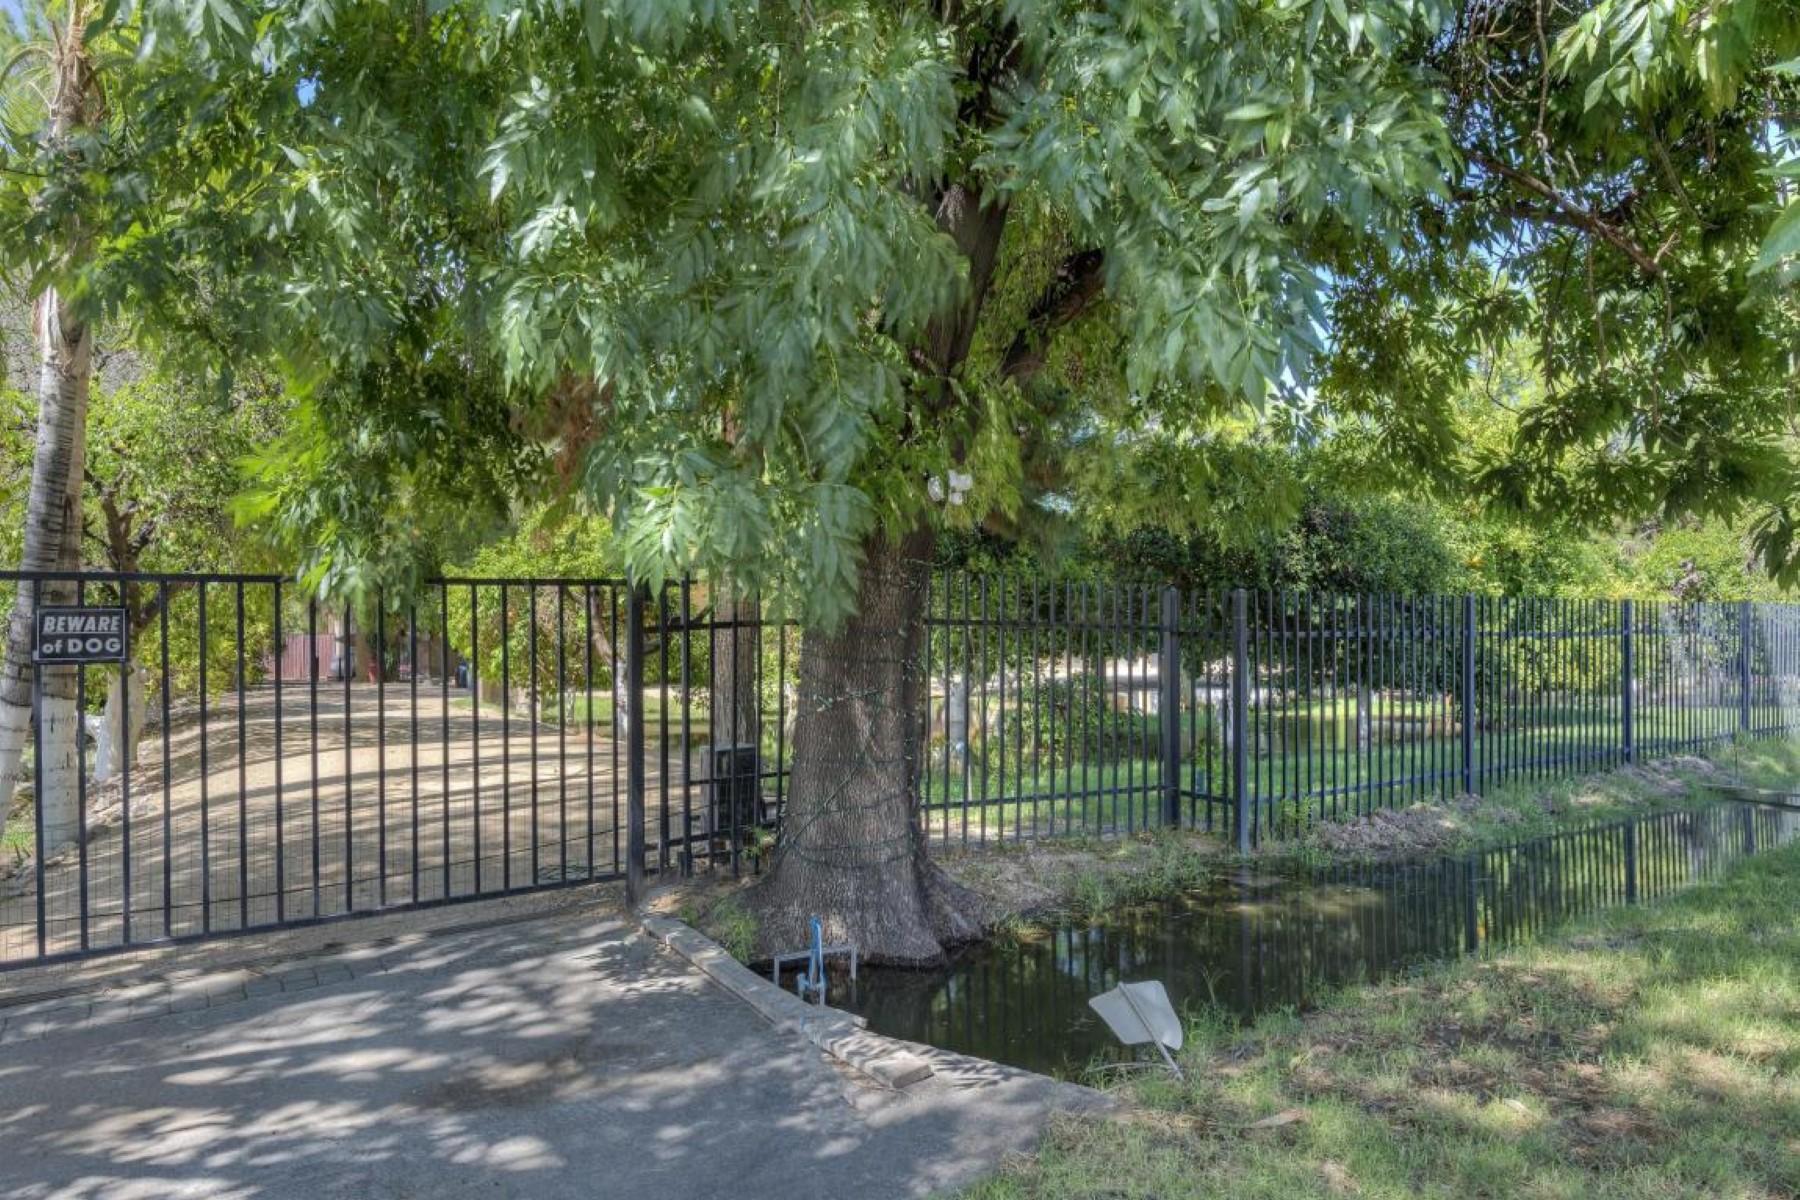 Maison unifamiliale pour l Vente à Located in the coveted Bartlett Heard Lands community in South Phoenix. 3844 E Vineyard Rd Phoenix, Arizona 85040 États-Unis